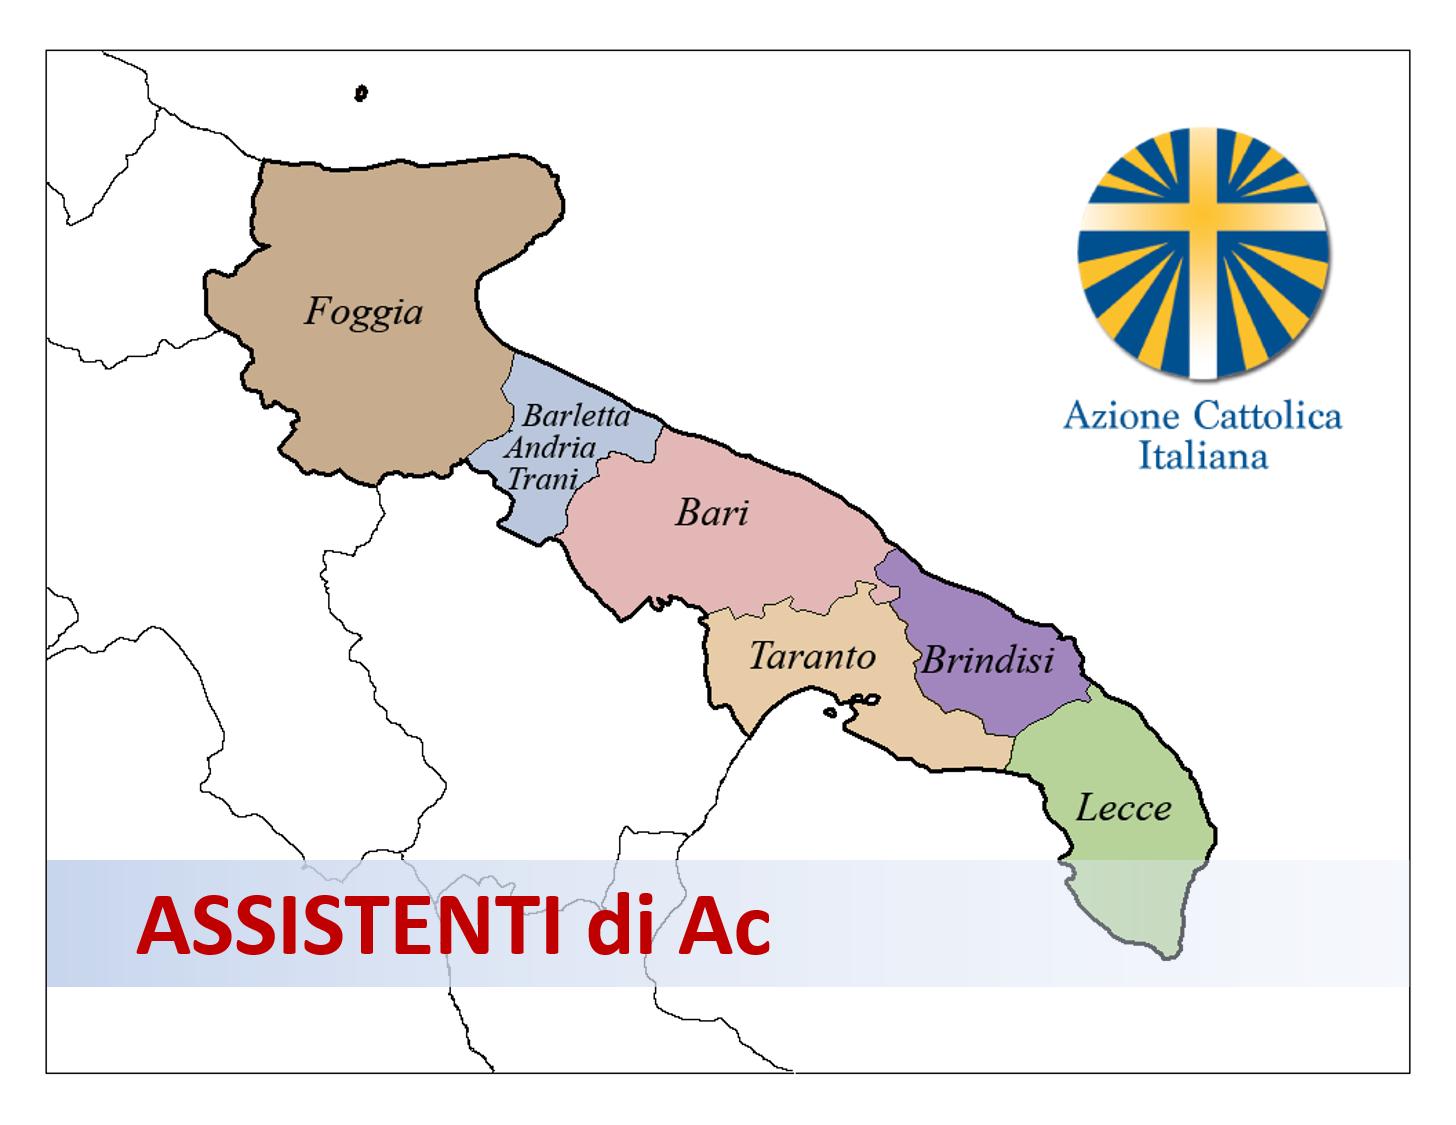 Assistenti Ac Puglia